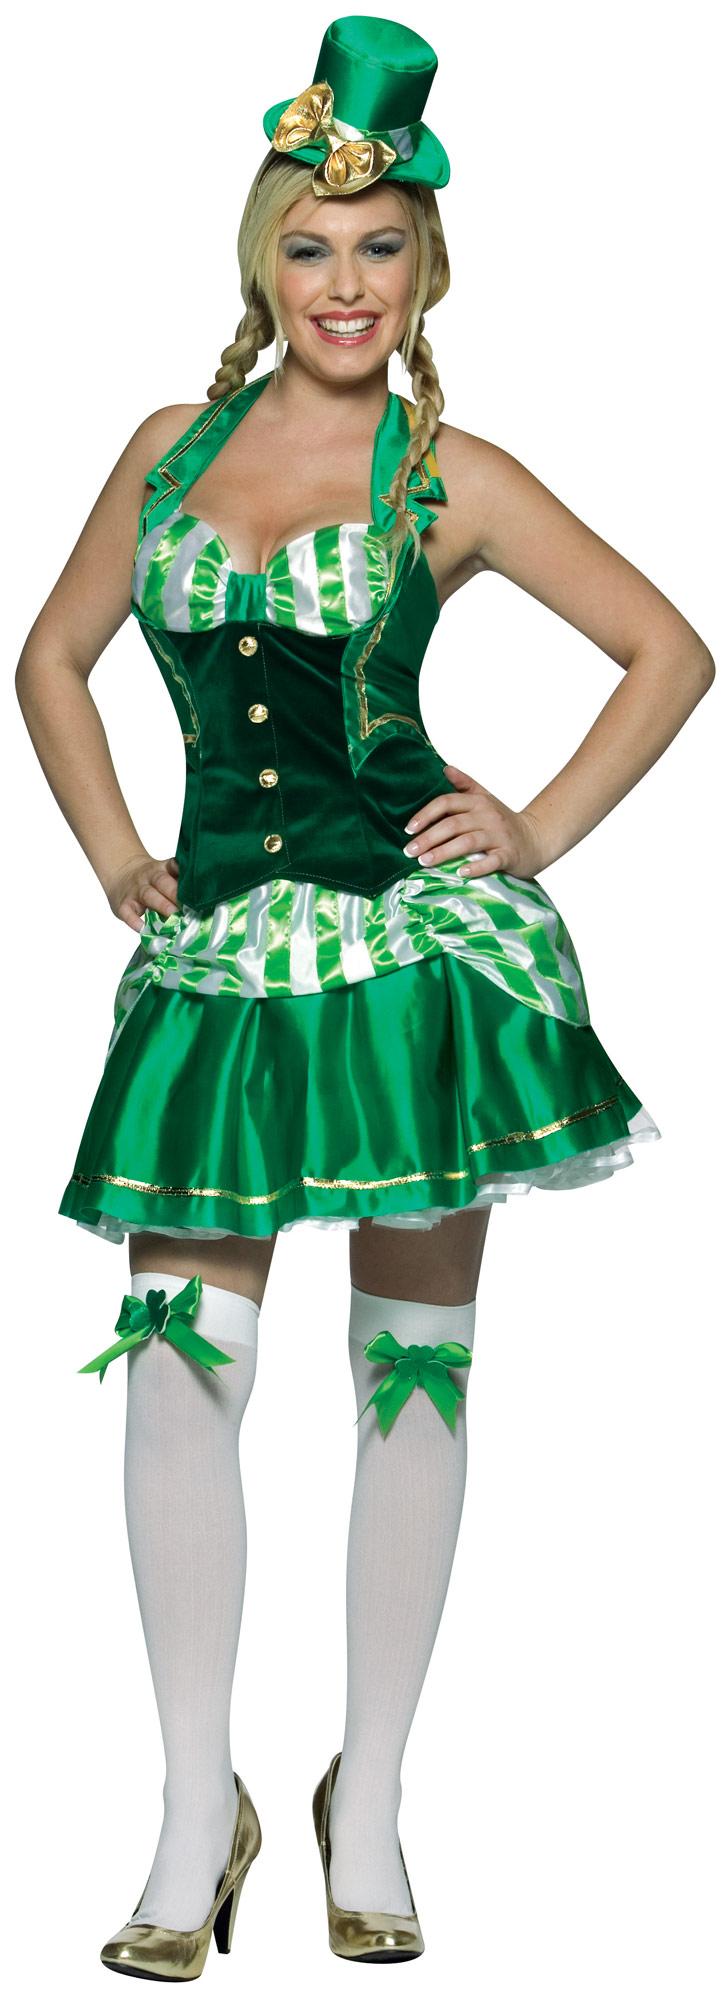 vert irlandais couleur